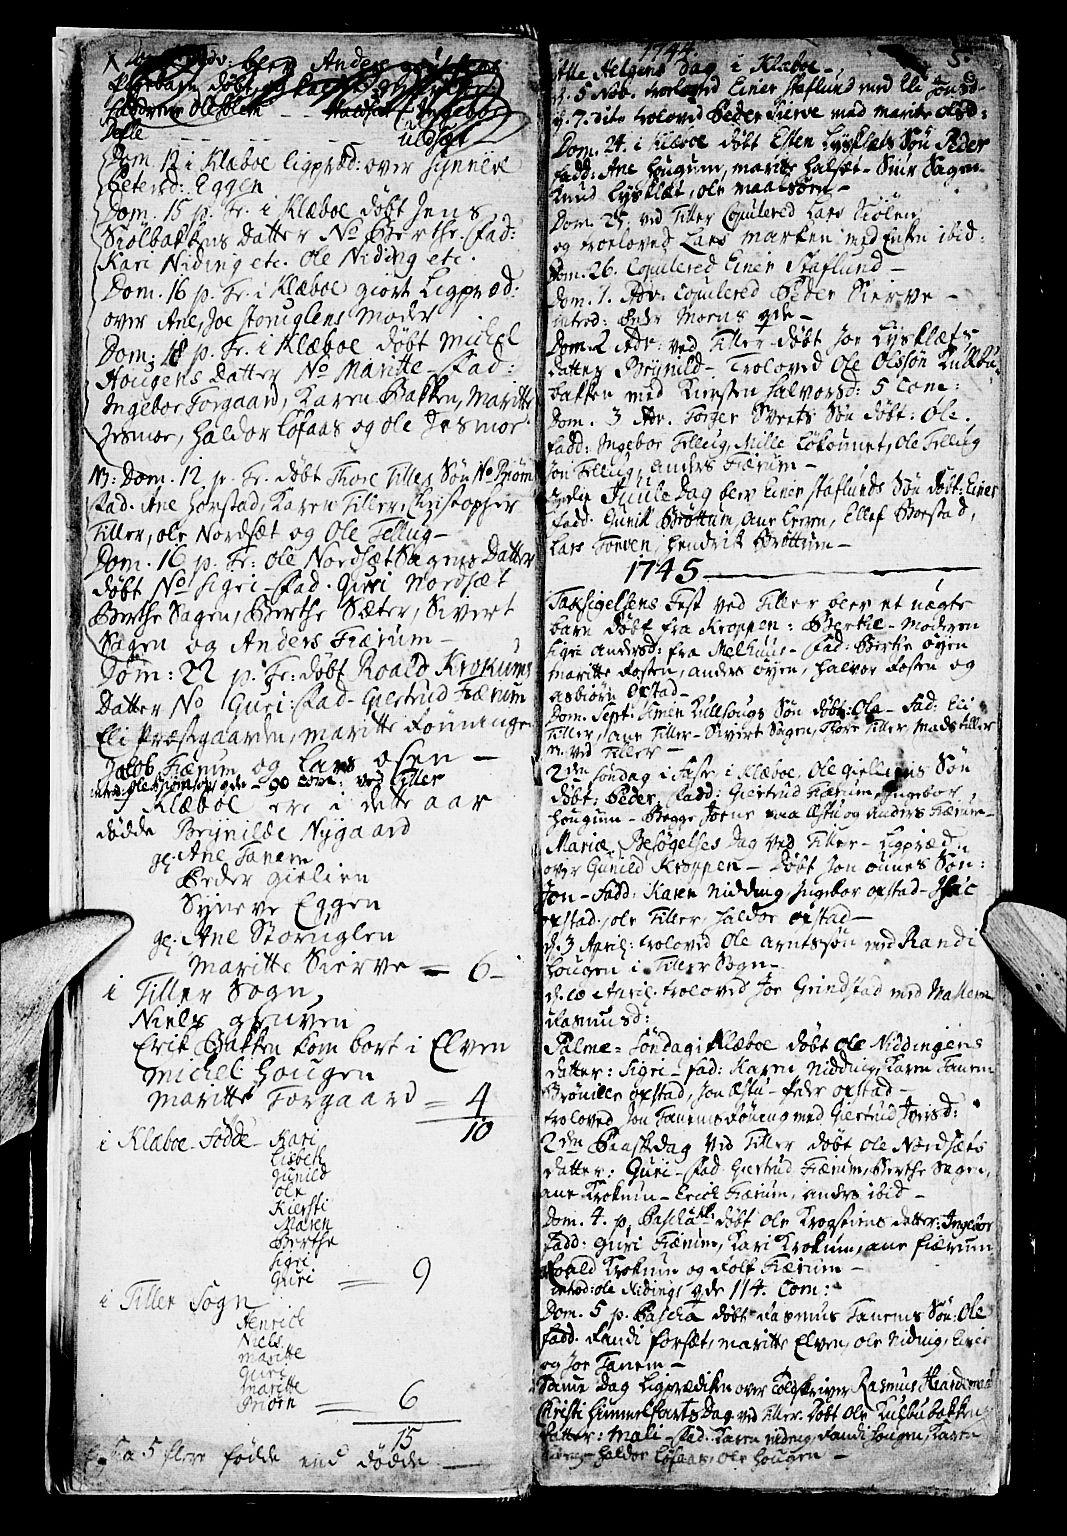 SAT, Ministerialprotokoller, klokkerbøker og fødselsregistre - Sør-Trøndelag, 618/L0436: Ministerialbok nr. 618A01, 1741-1749, s. 5